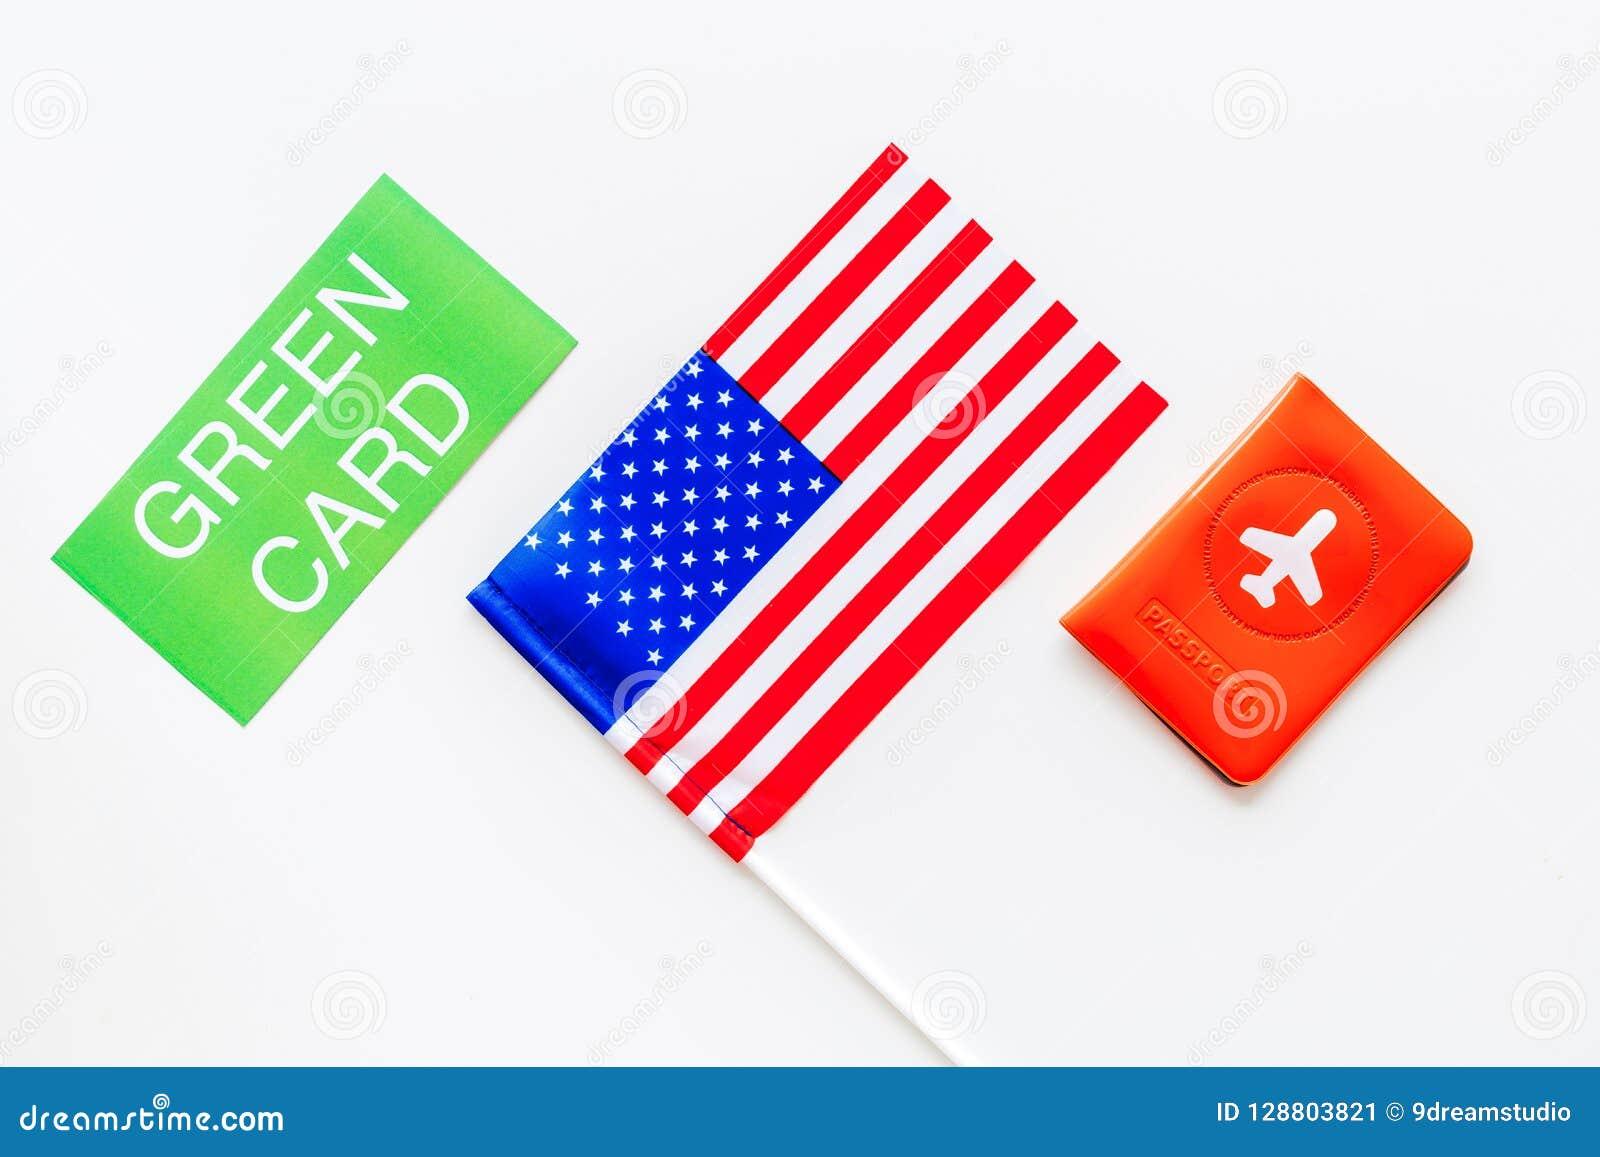 Cartes De Résident Des Etats Unis Damérique Concept Dimmigration